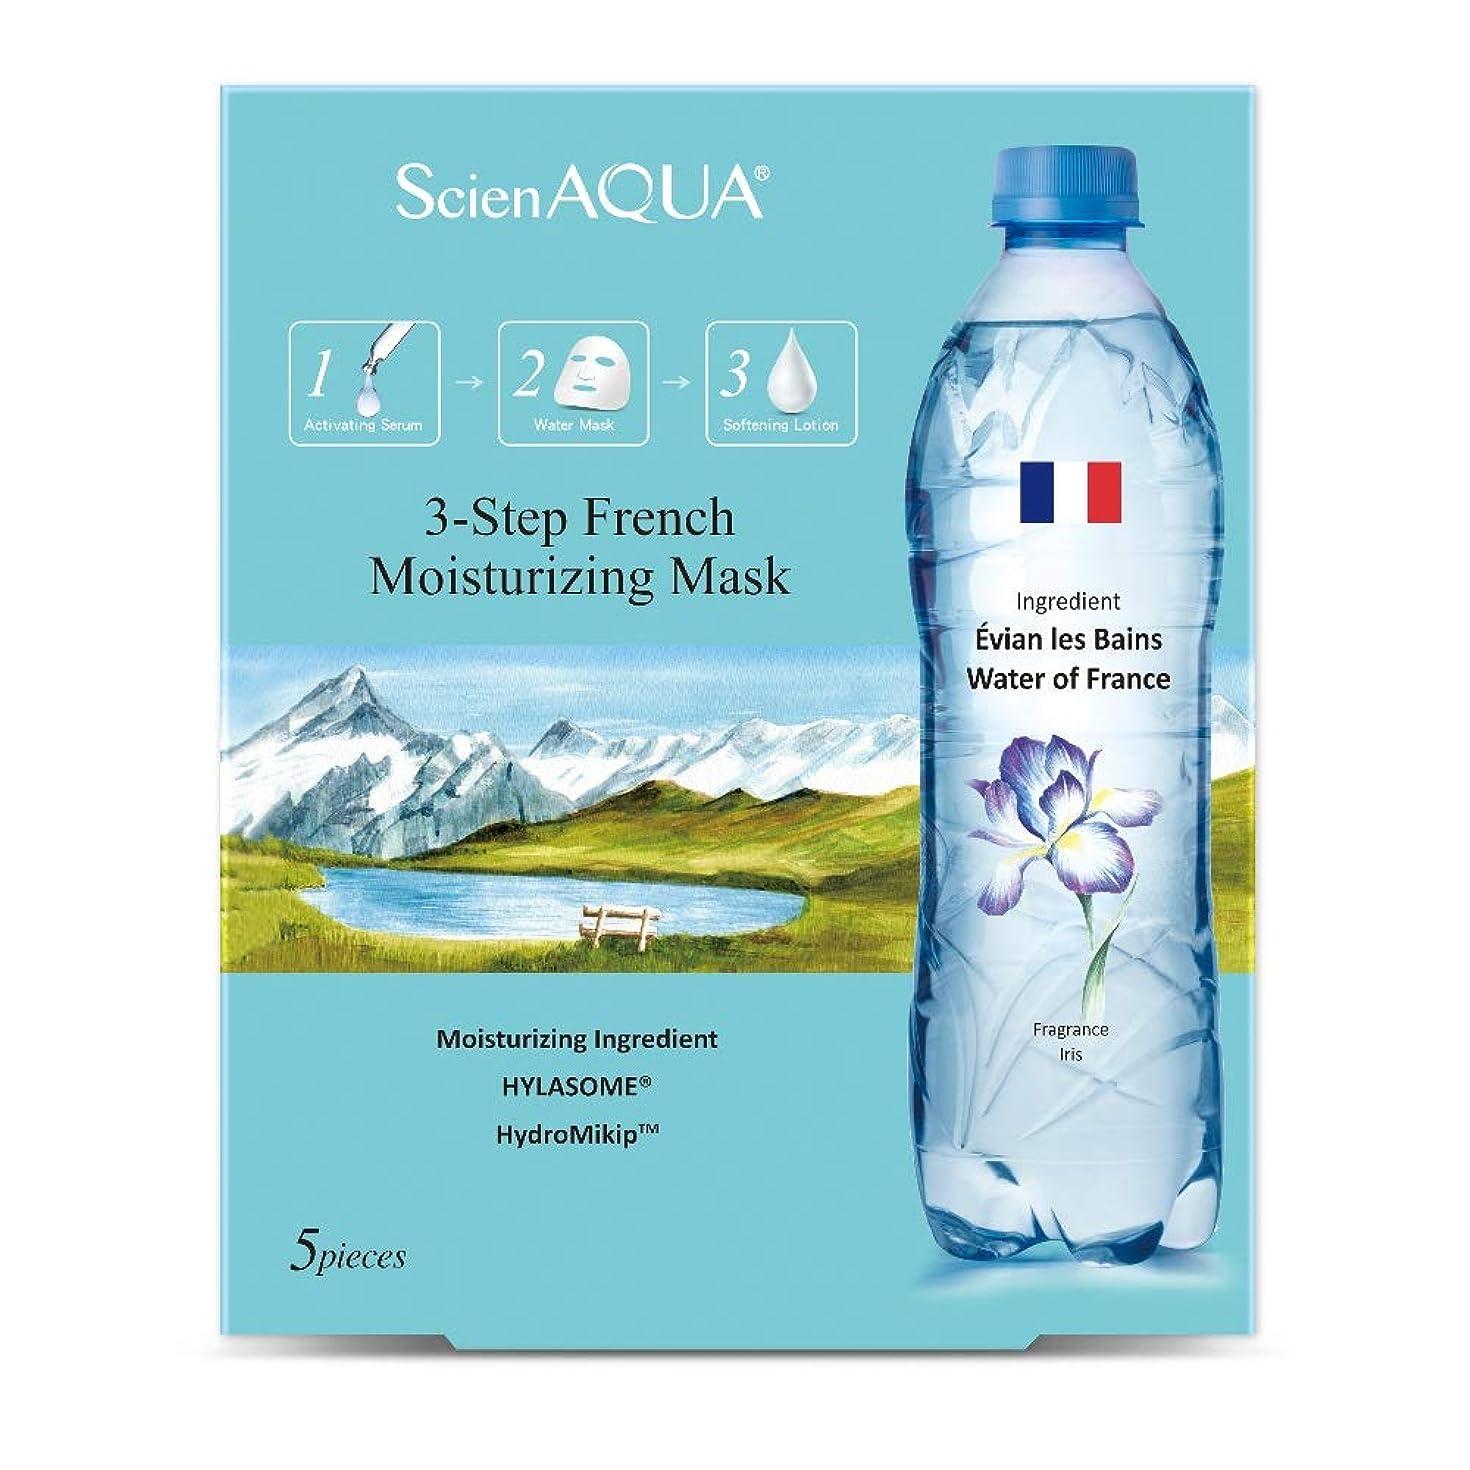 最初にテーブルを設定する表現【Amazon.co.jp限定】ScienAQUA フランス産のアルプス氷河水を使うマスク 保湿美顔パック